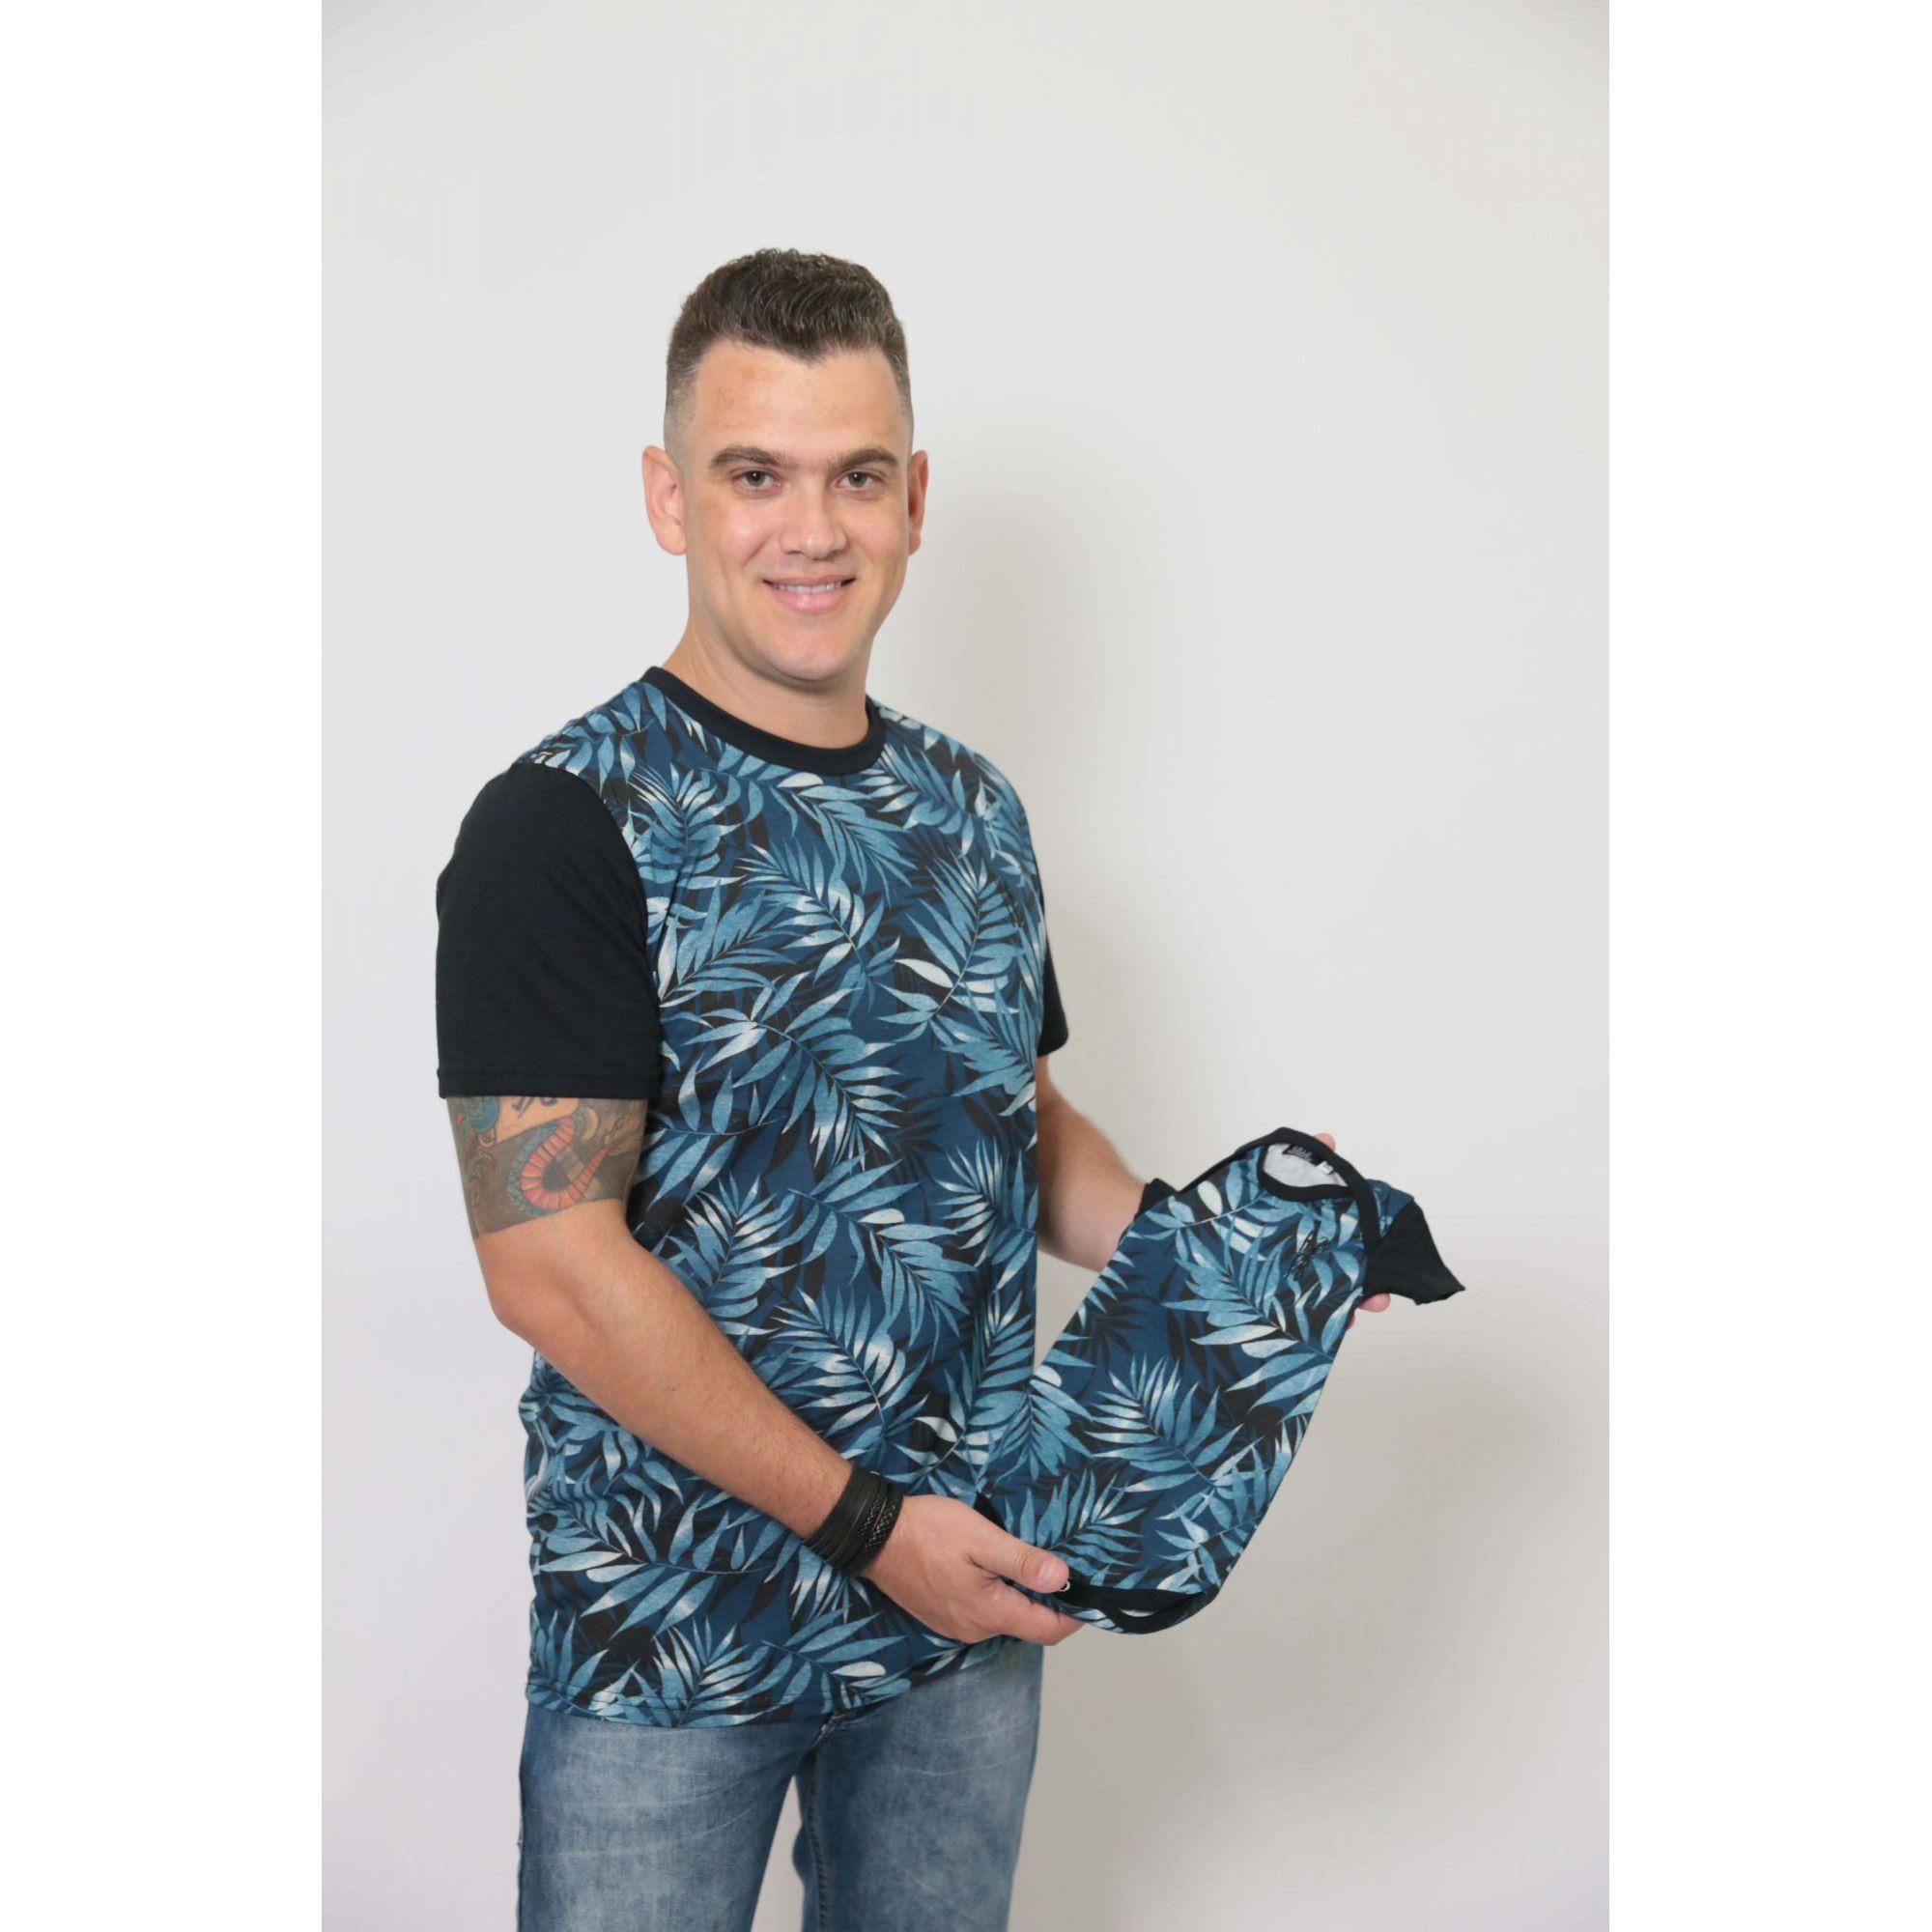 PAIS E FILHOS > Kit 3 Peças T-Shirt - Tropical [Coleção Família]  - Heitor Fashion Brazil